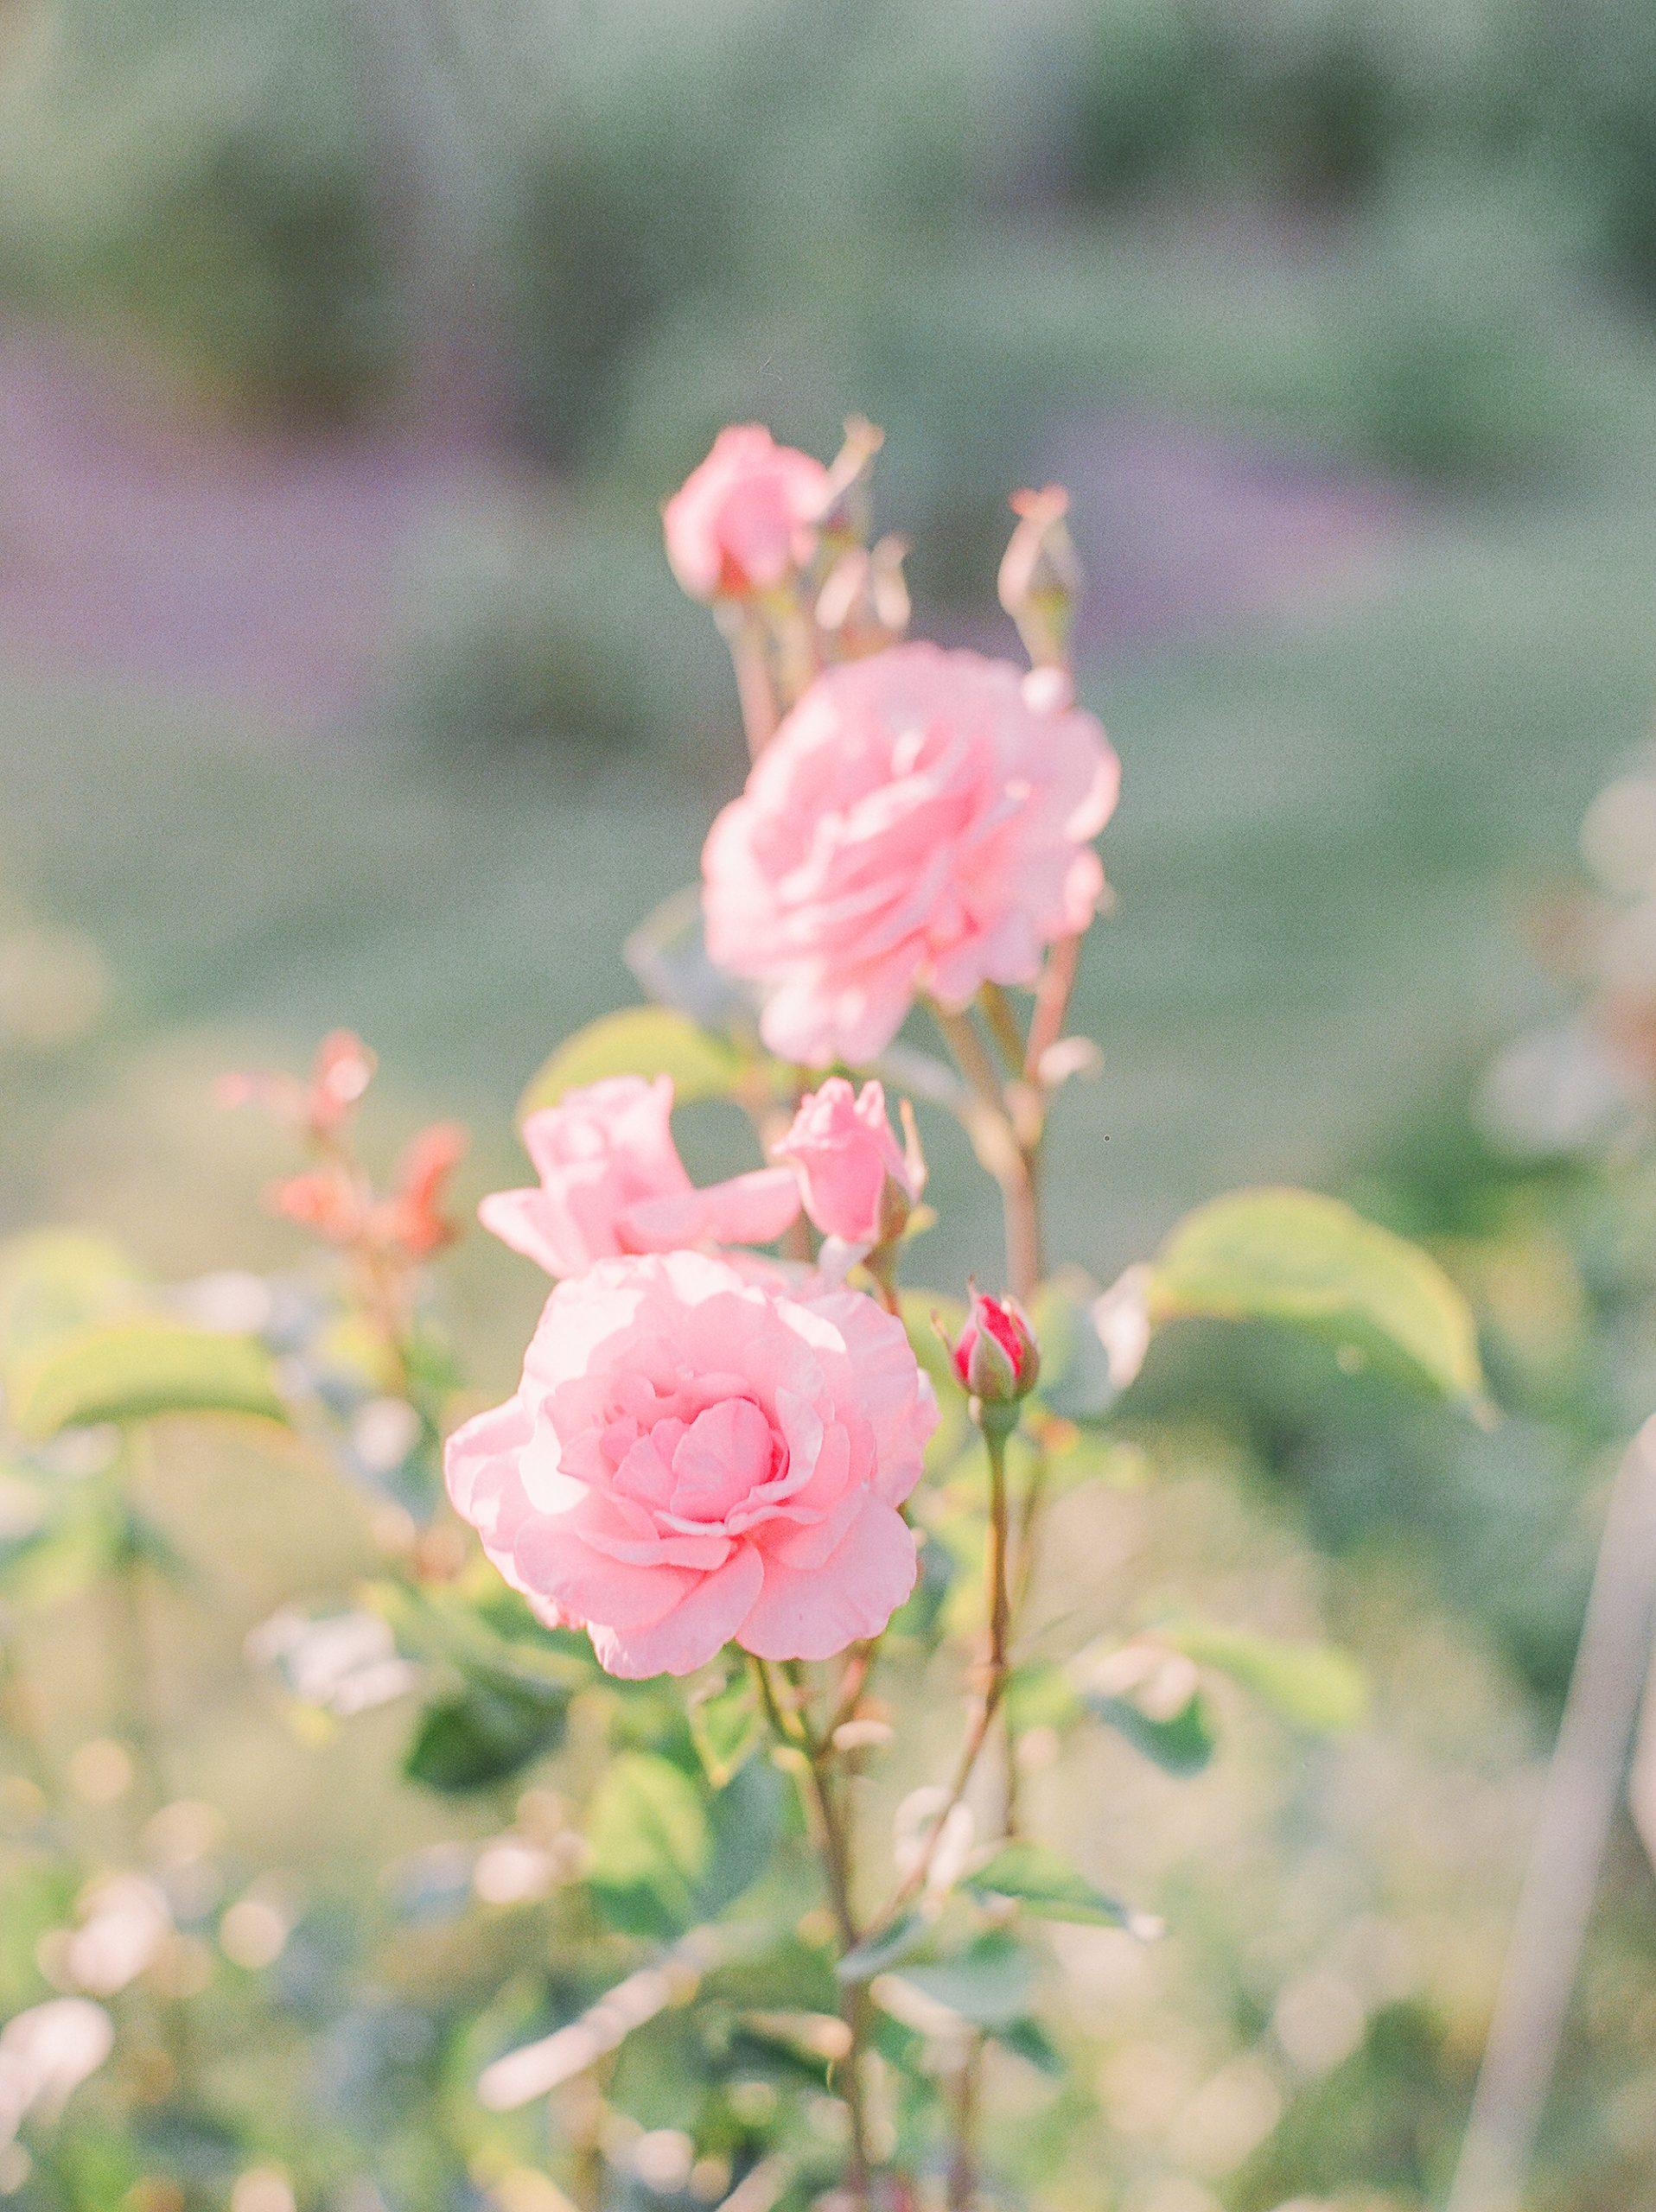 Garden To Vase: The Best Tips For Harvesting, Foraging & Designing Floral Arrangements